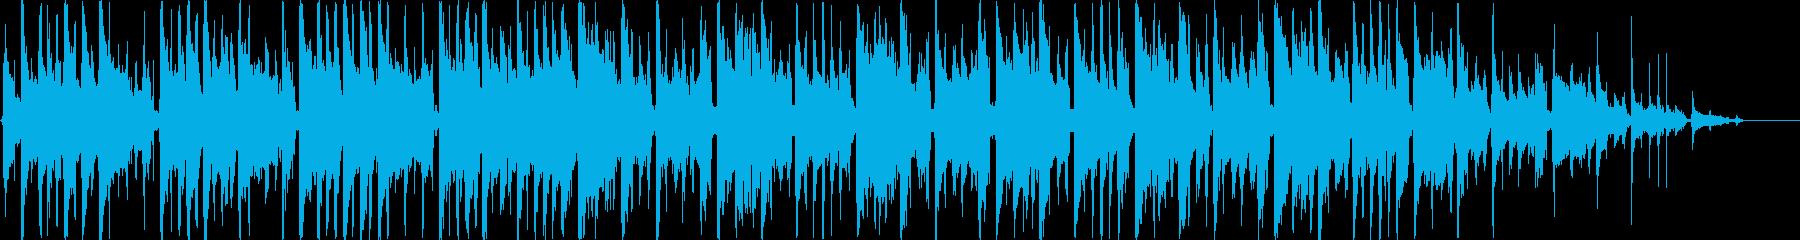 女性的でガーリーなカフェ音楽のイメージの再生済みの波形